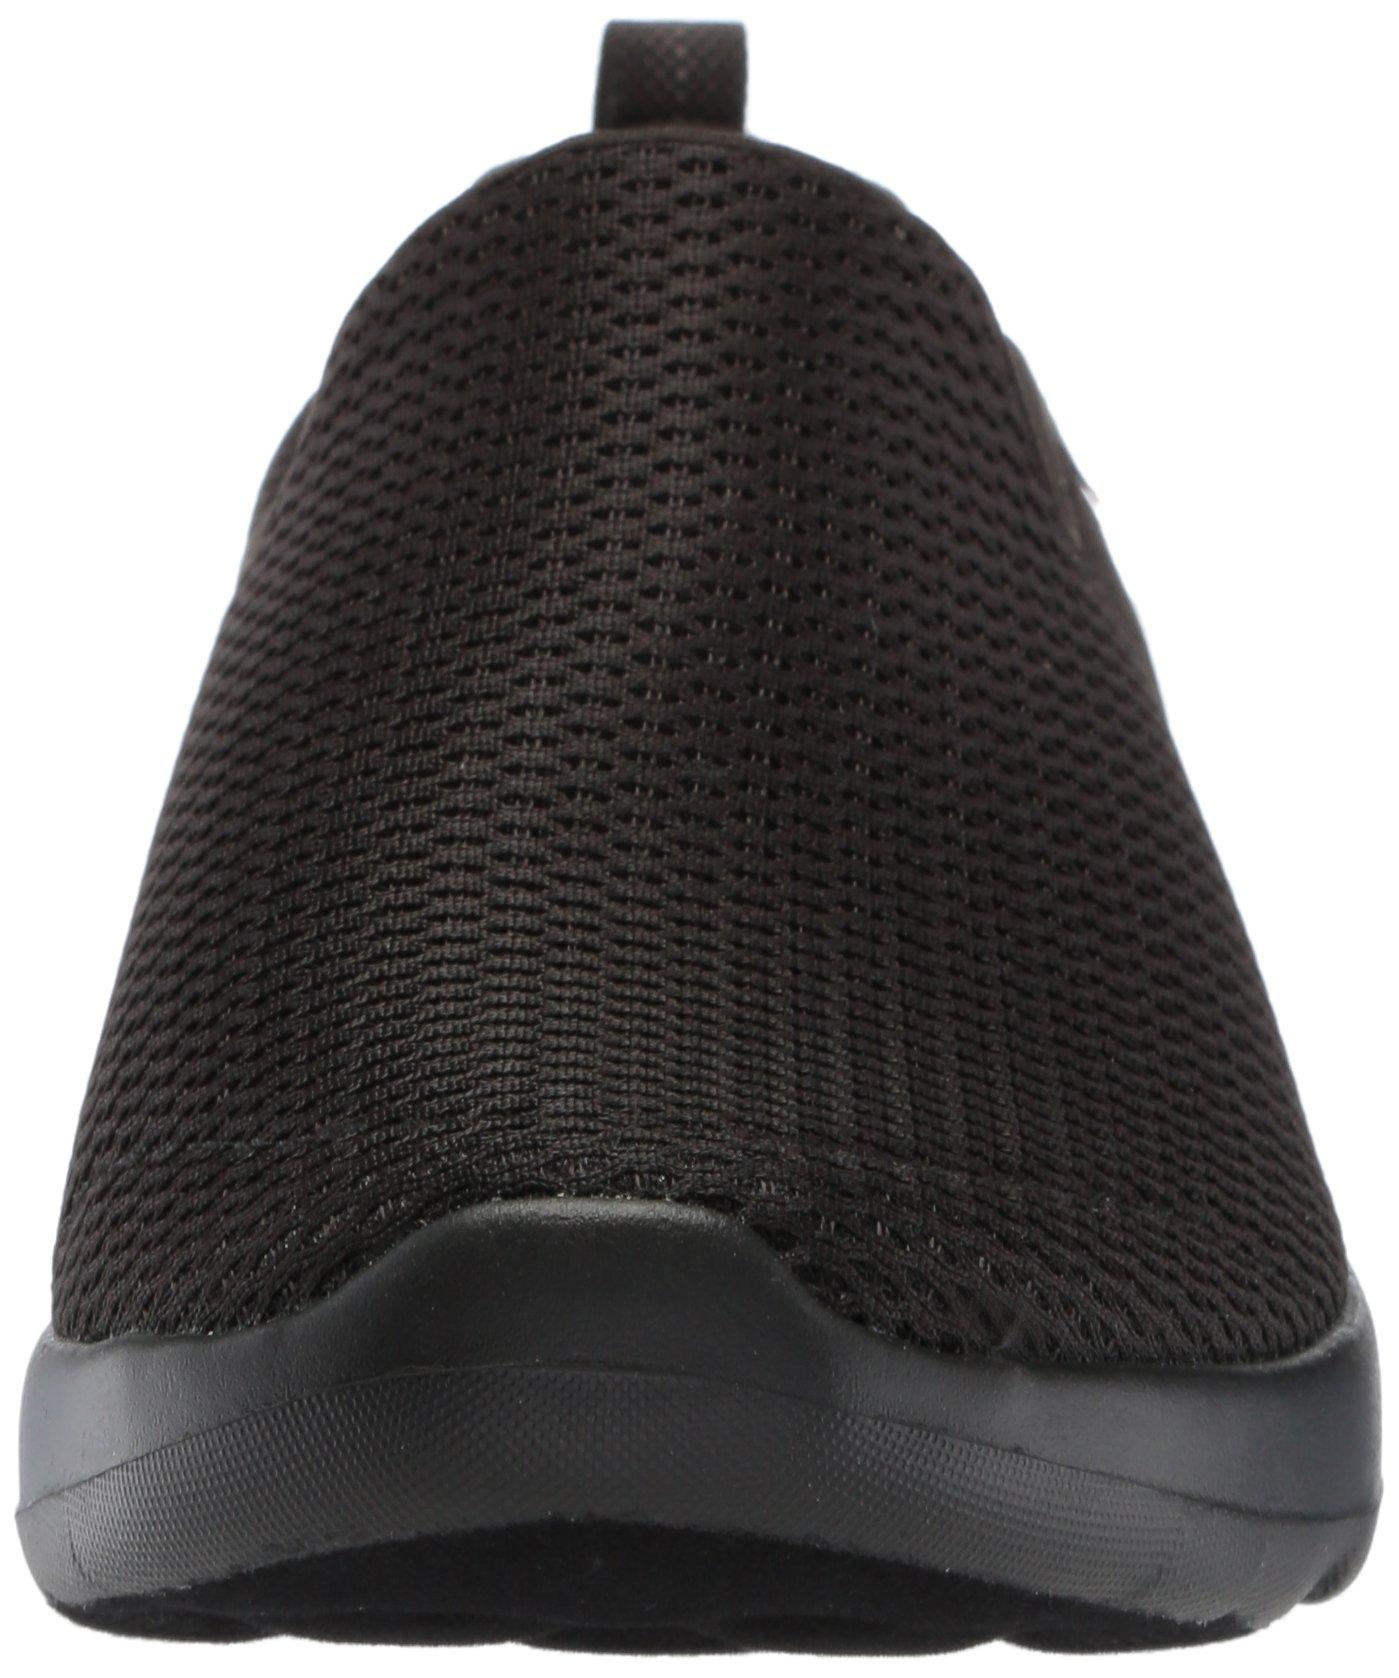 Skechers Performance Women's Go Walk Joy Walking Shoe,black,9.5 W US by Skechers (Image #4)